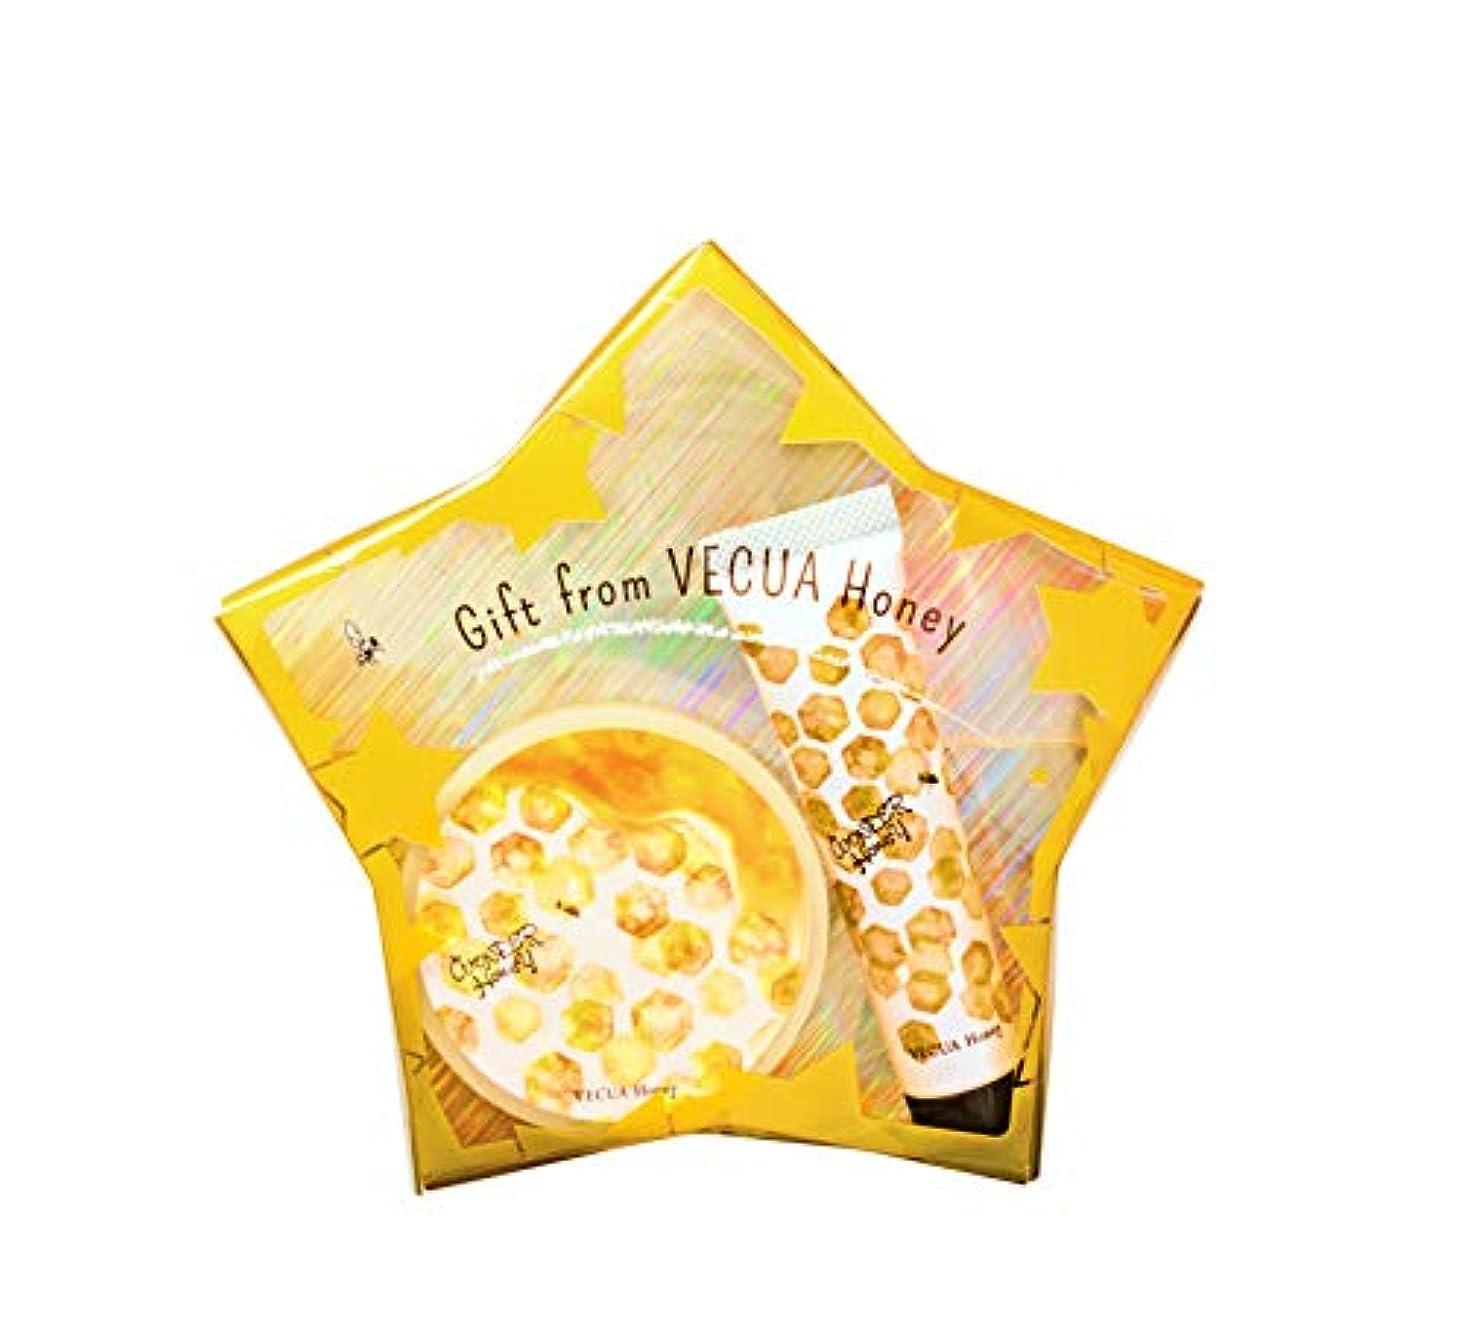 ノベルティドナウ川貫入ベキュア ハニー(VECUA Honey) ワンダーハニー ギフトセット ハニーポット ボディクリーム 15g+47g